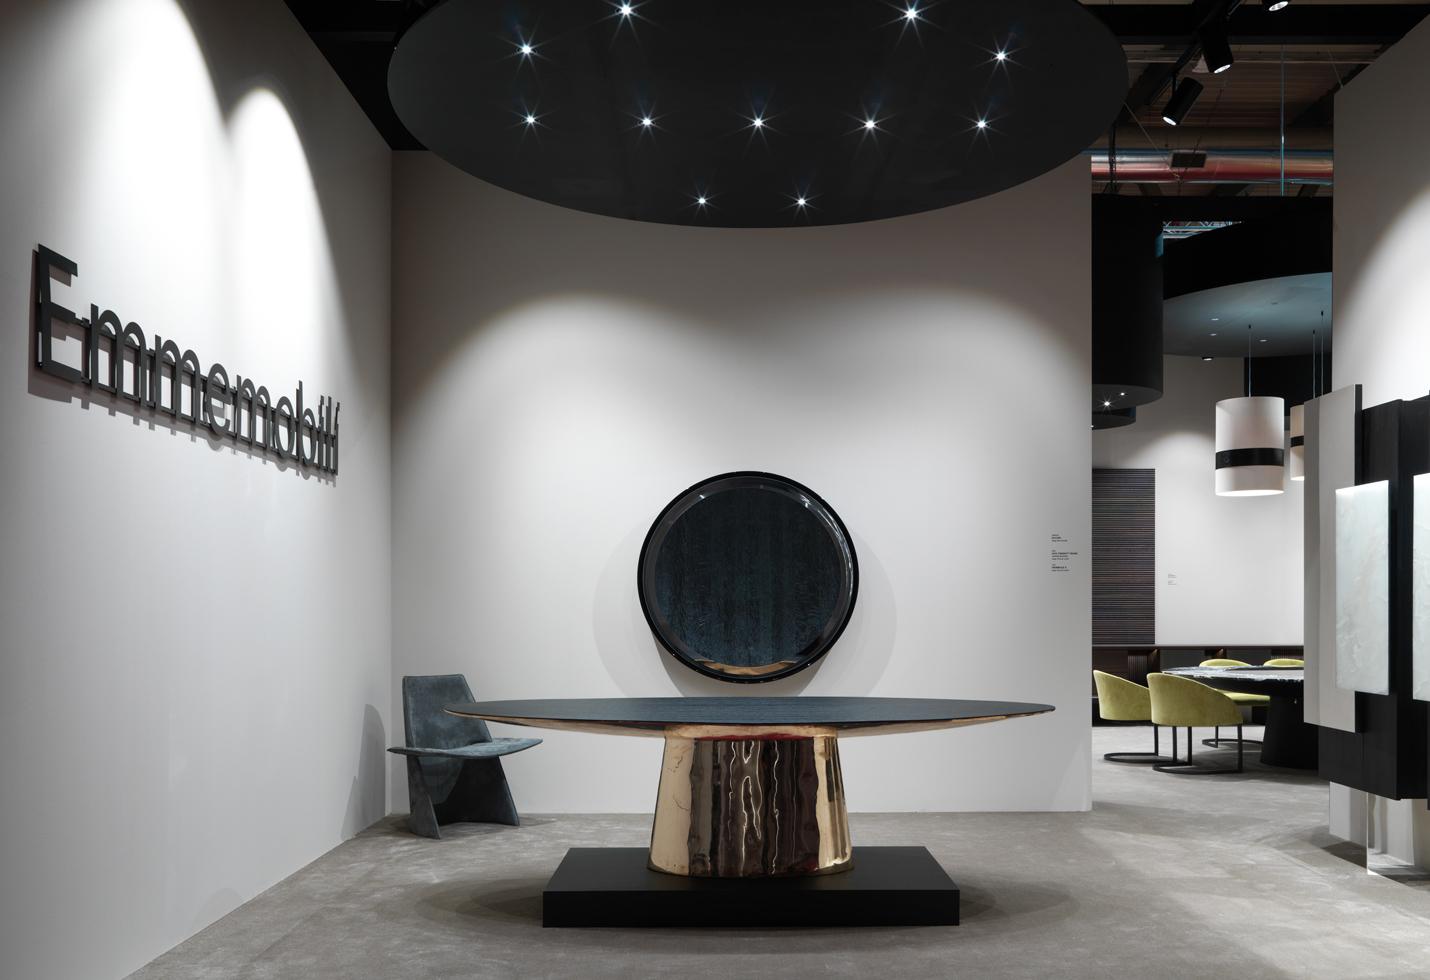 News_2018 Salone del mobile gallery 01